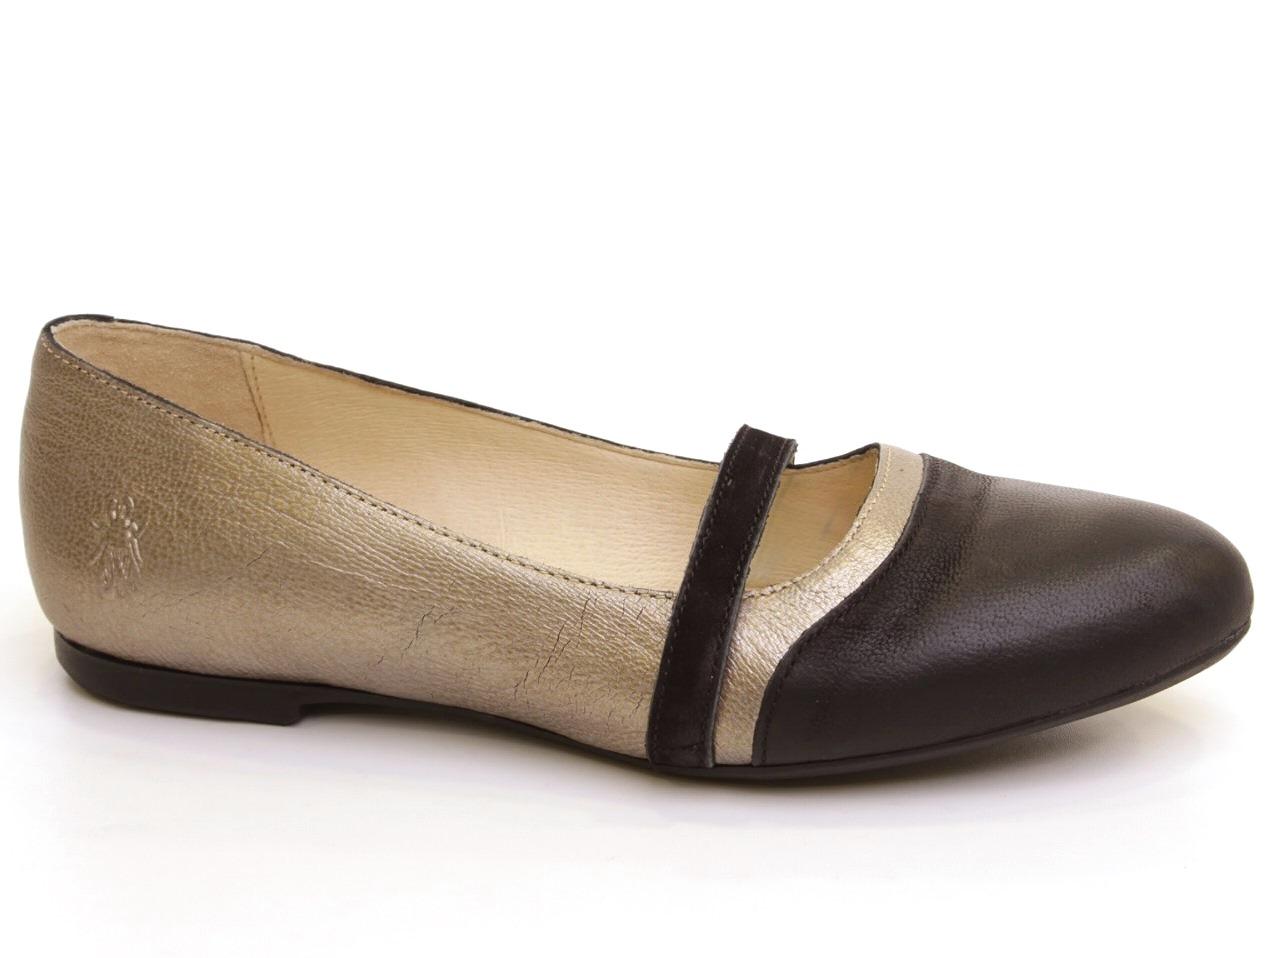 Sapatos Baixos, Sabrinas, Mocassins Fly London - 339 MINO630